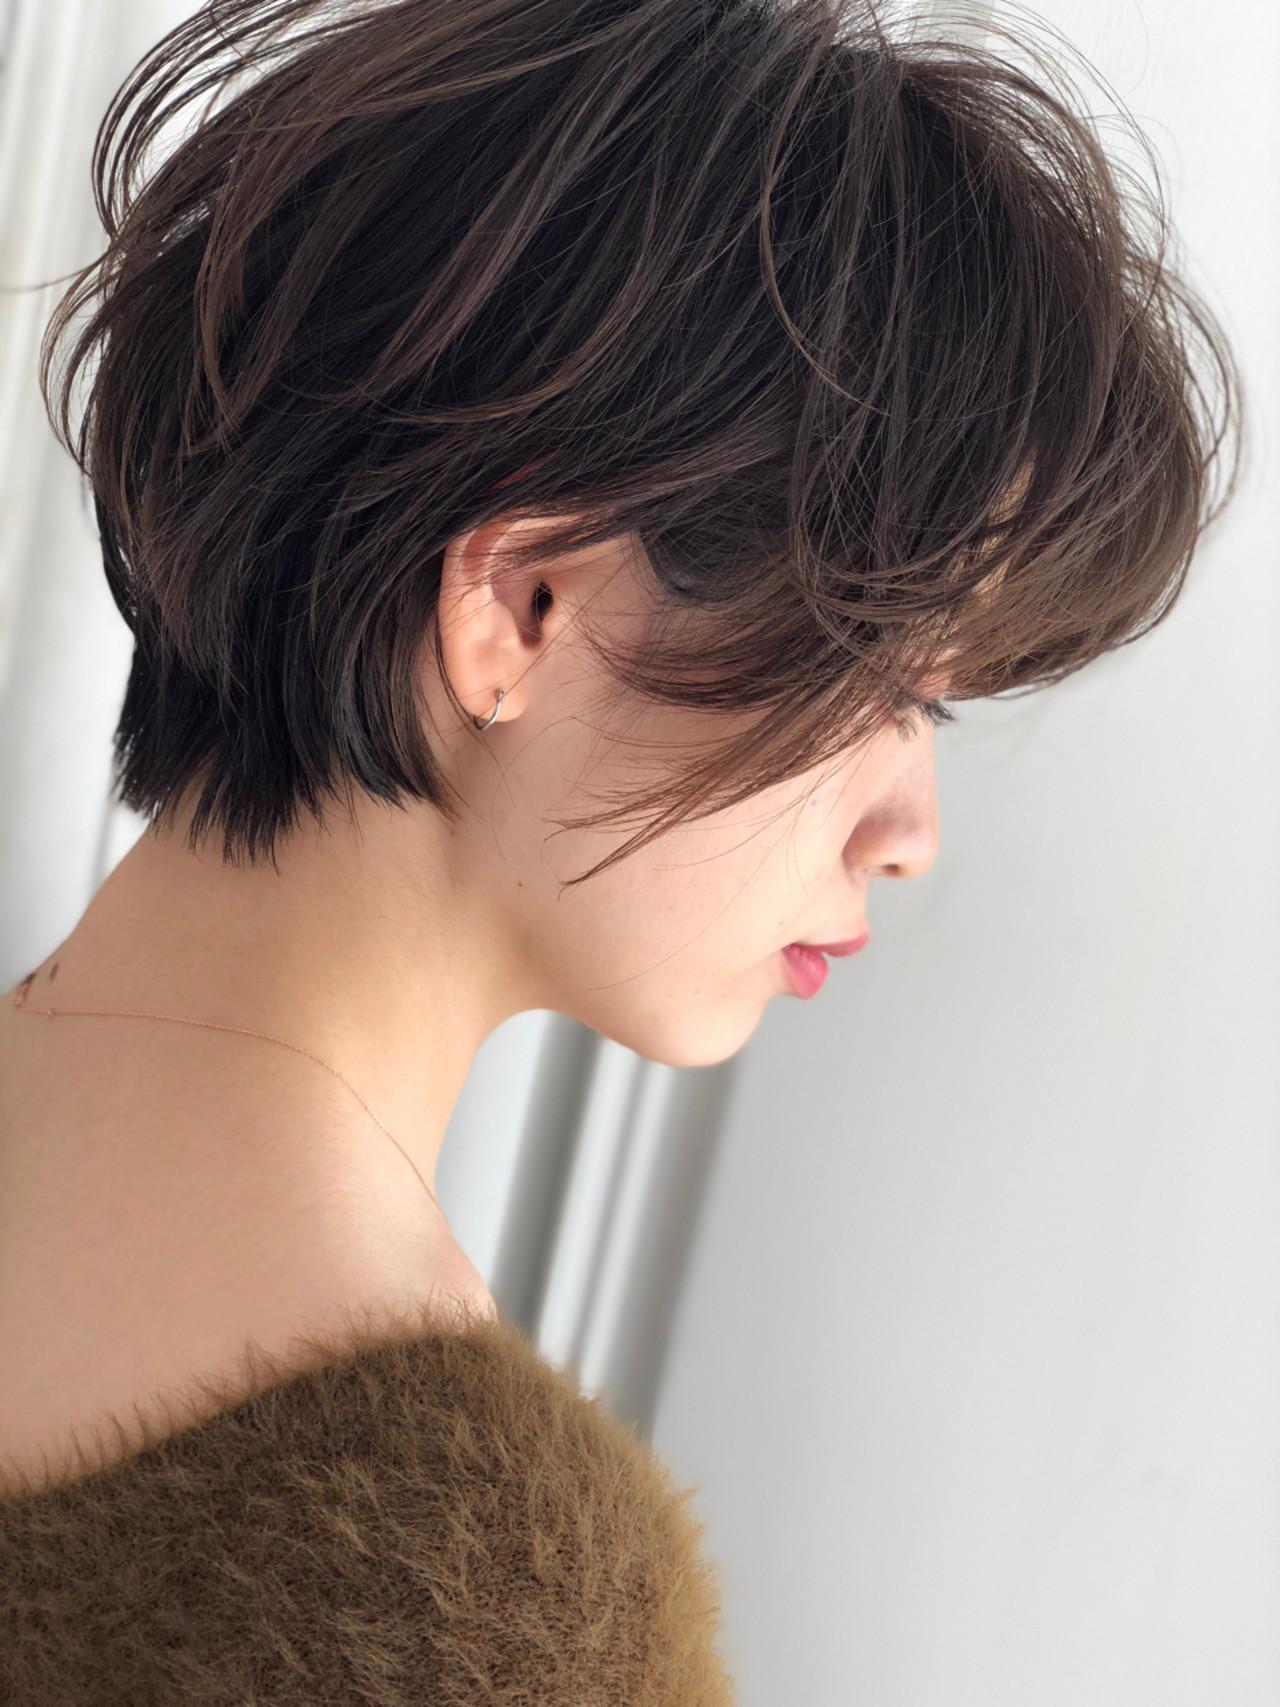 シルエットがカギ☆横向き美人のショートヘア 若田部 薫 Tierra/Tierra-j